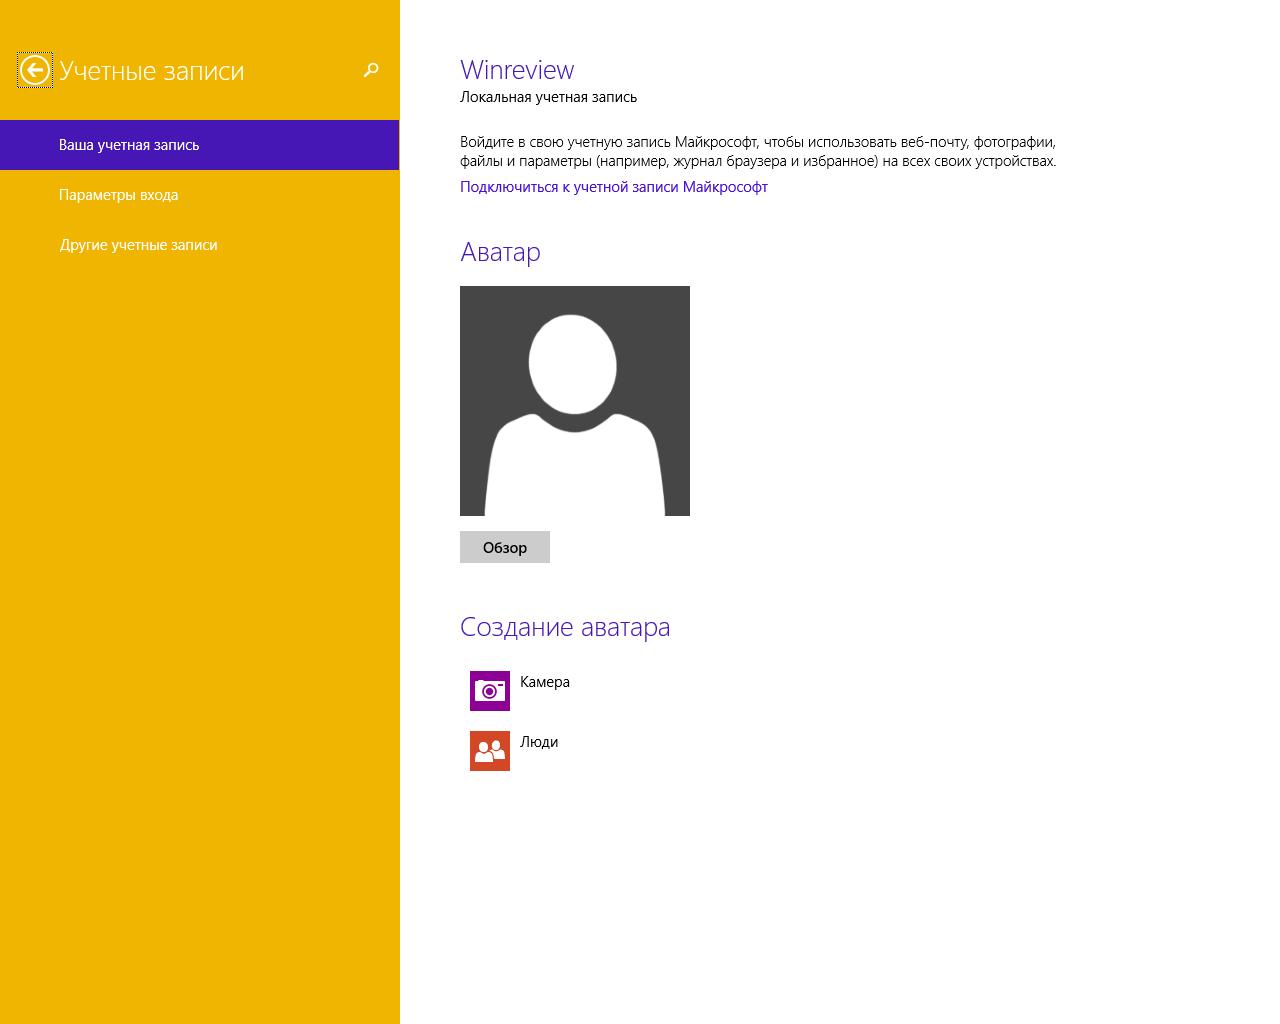 Аватар пользователя Windows 8.1